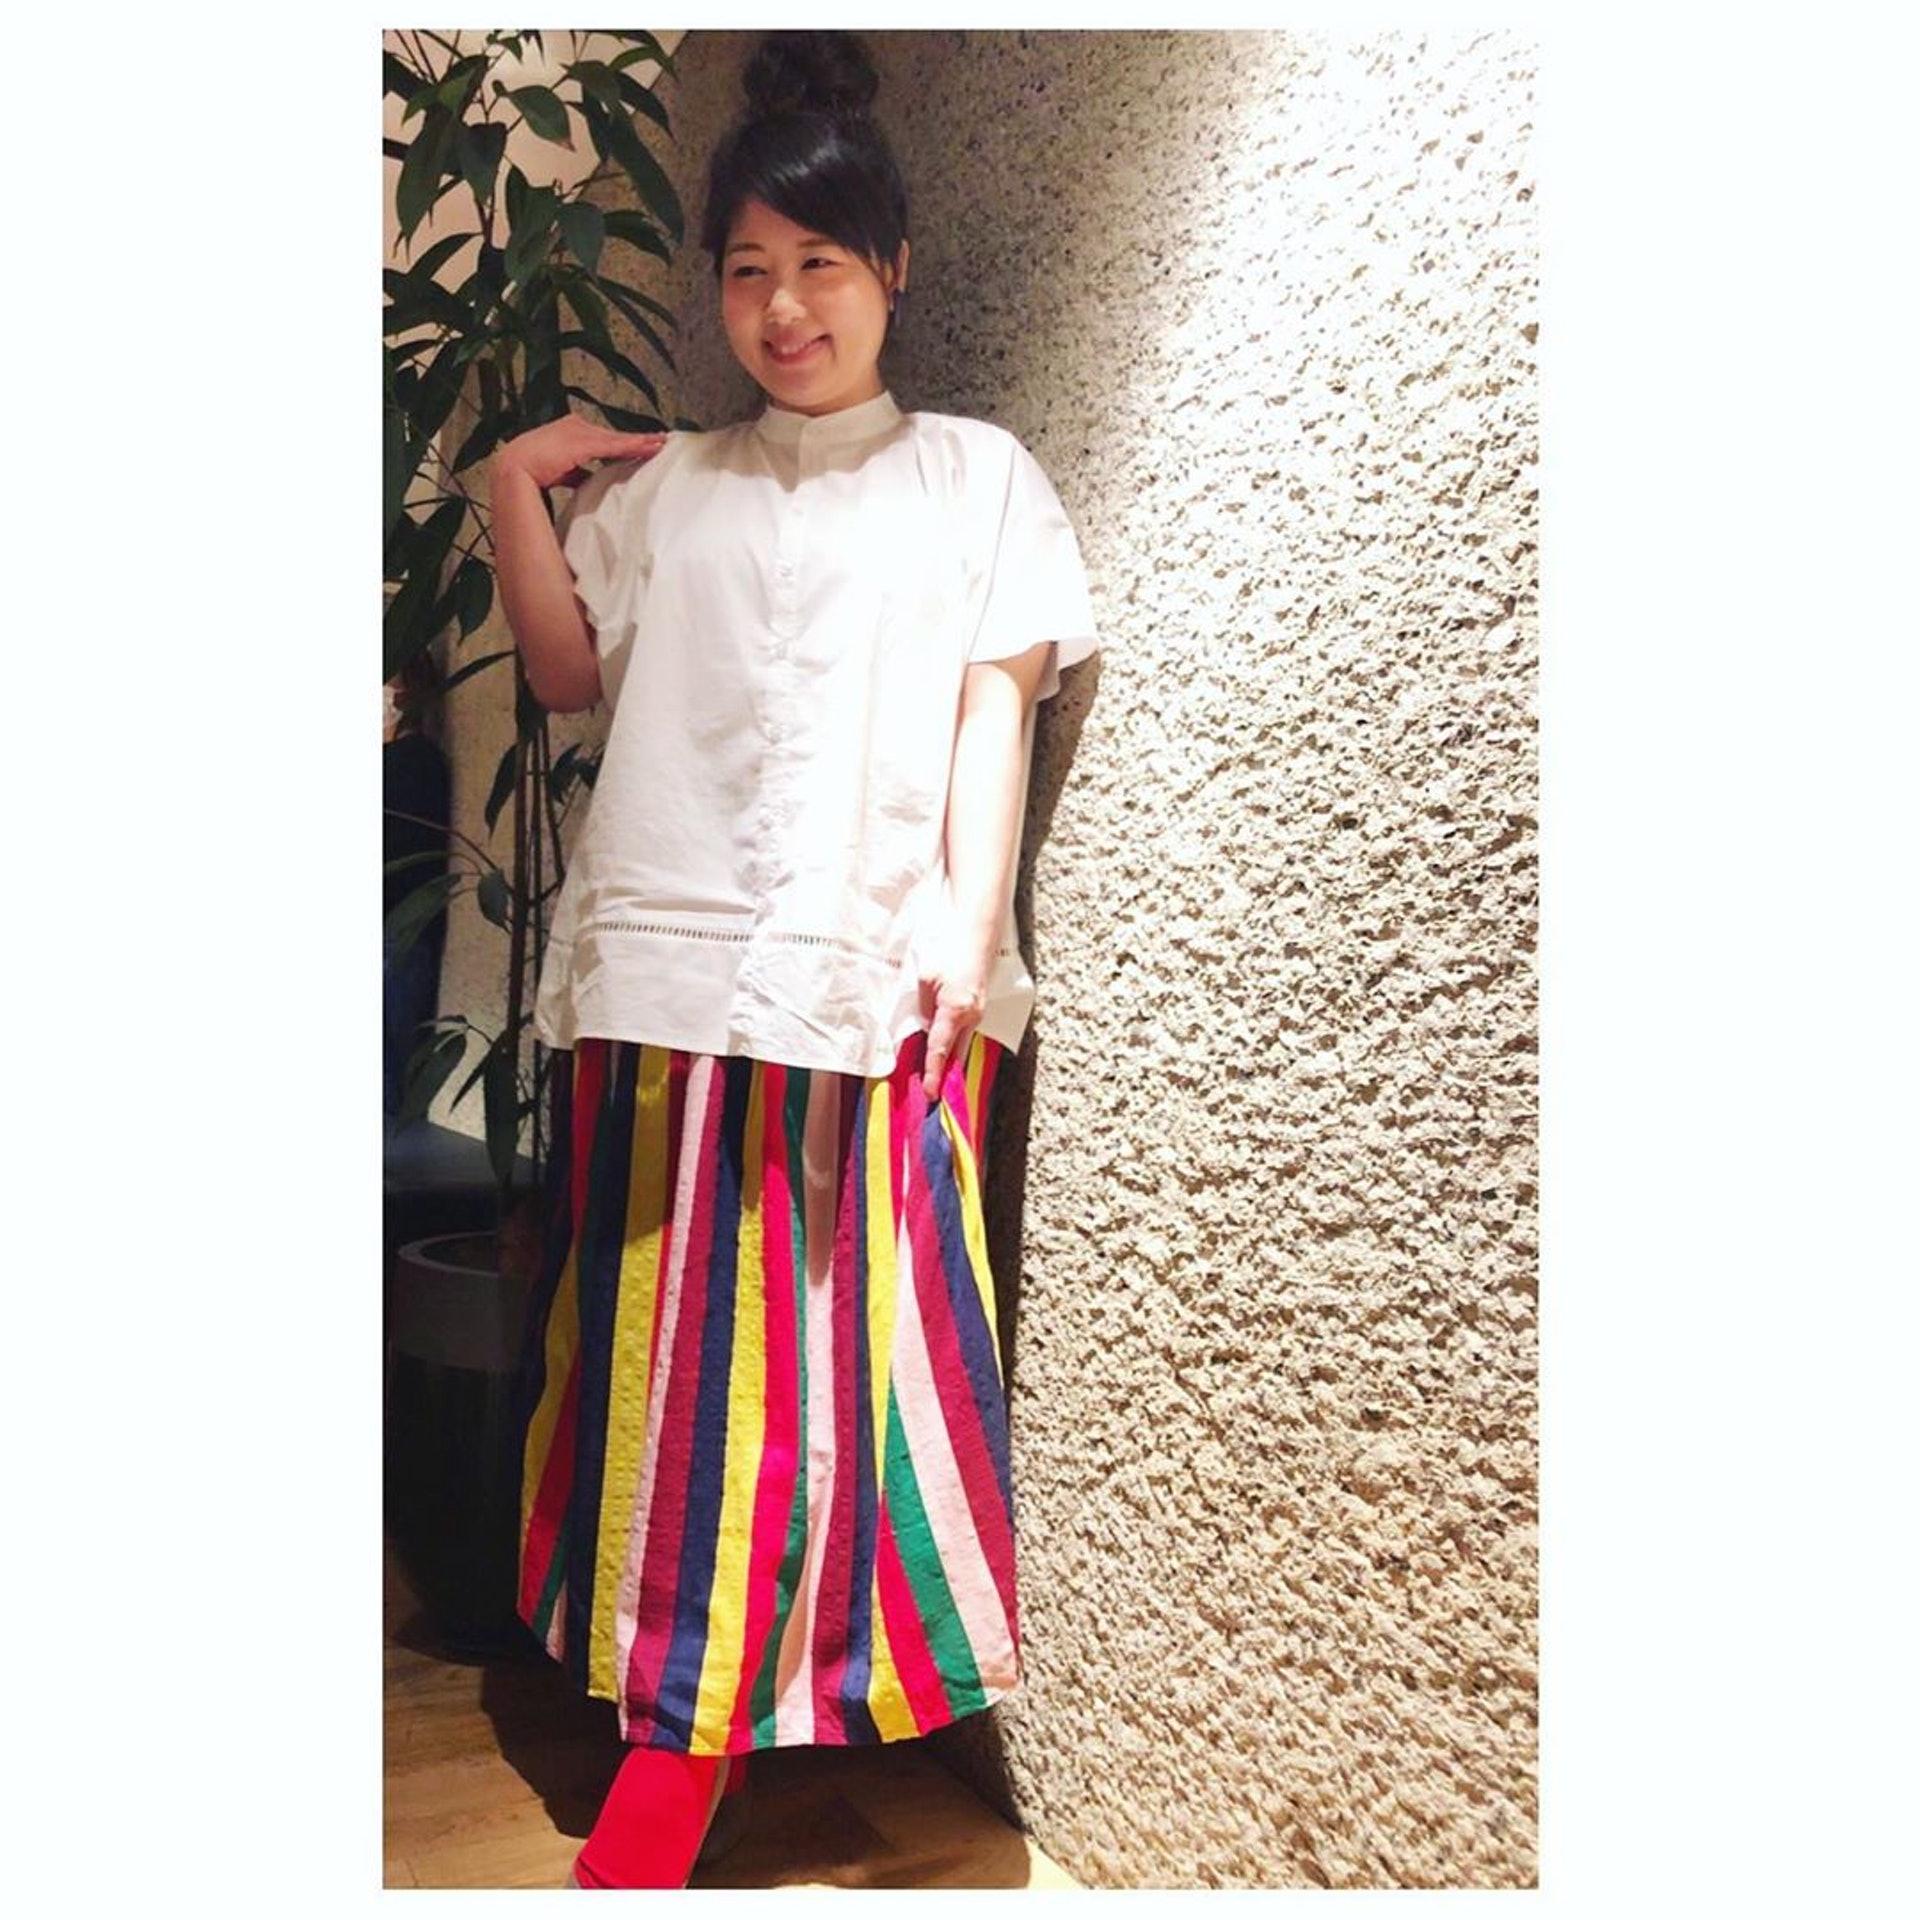 馬場園梓近日上載的近照,即使她身穿顯肥的白色衫,都覺得比之前瘦。(Instagram:babazonoazusa)